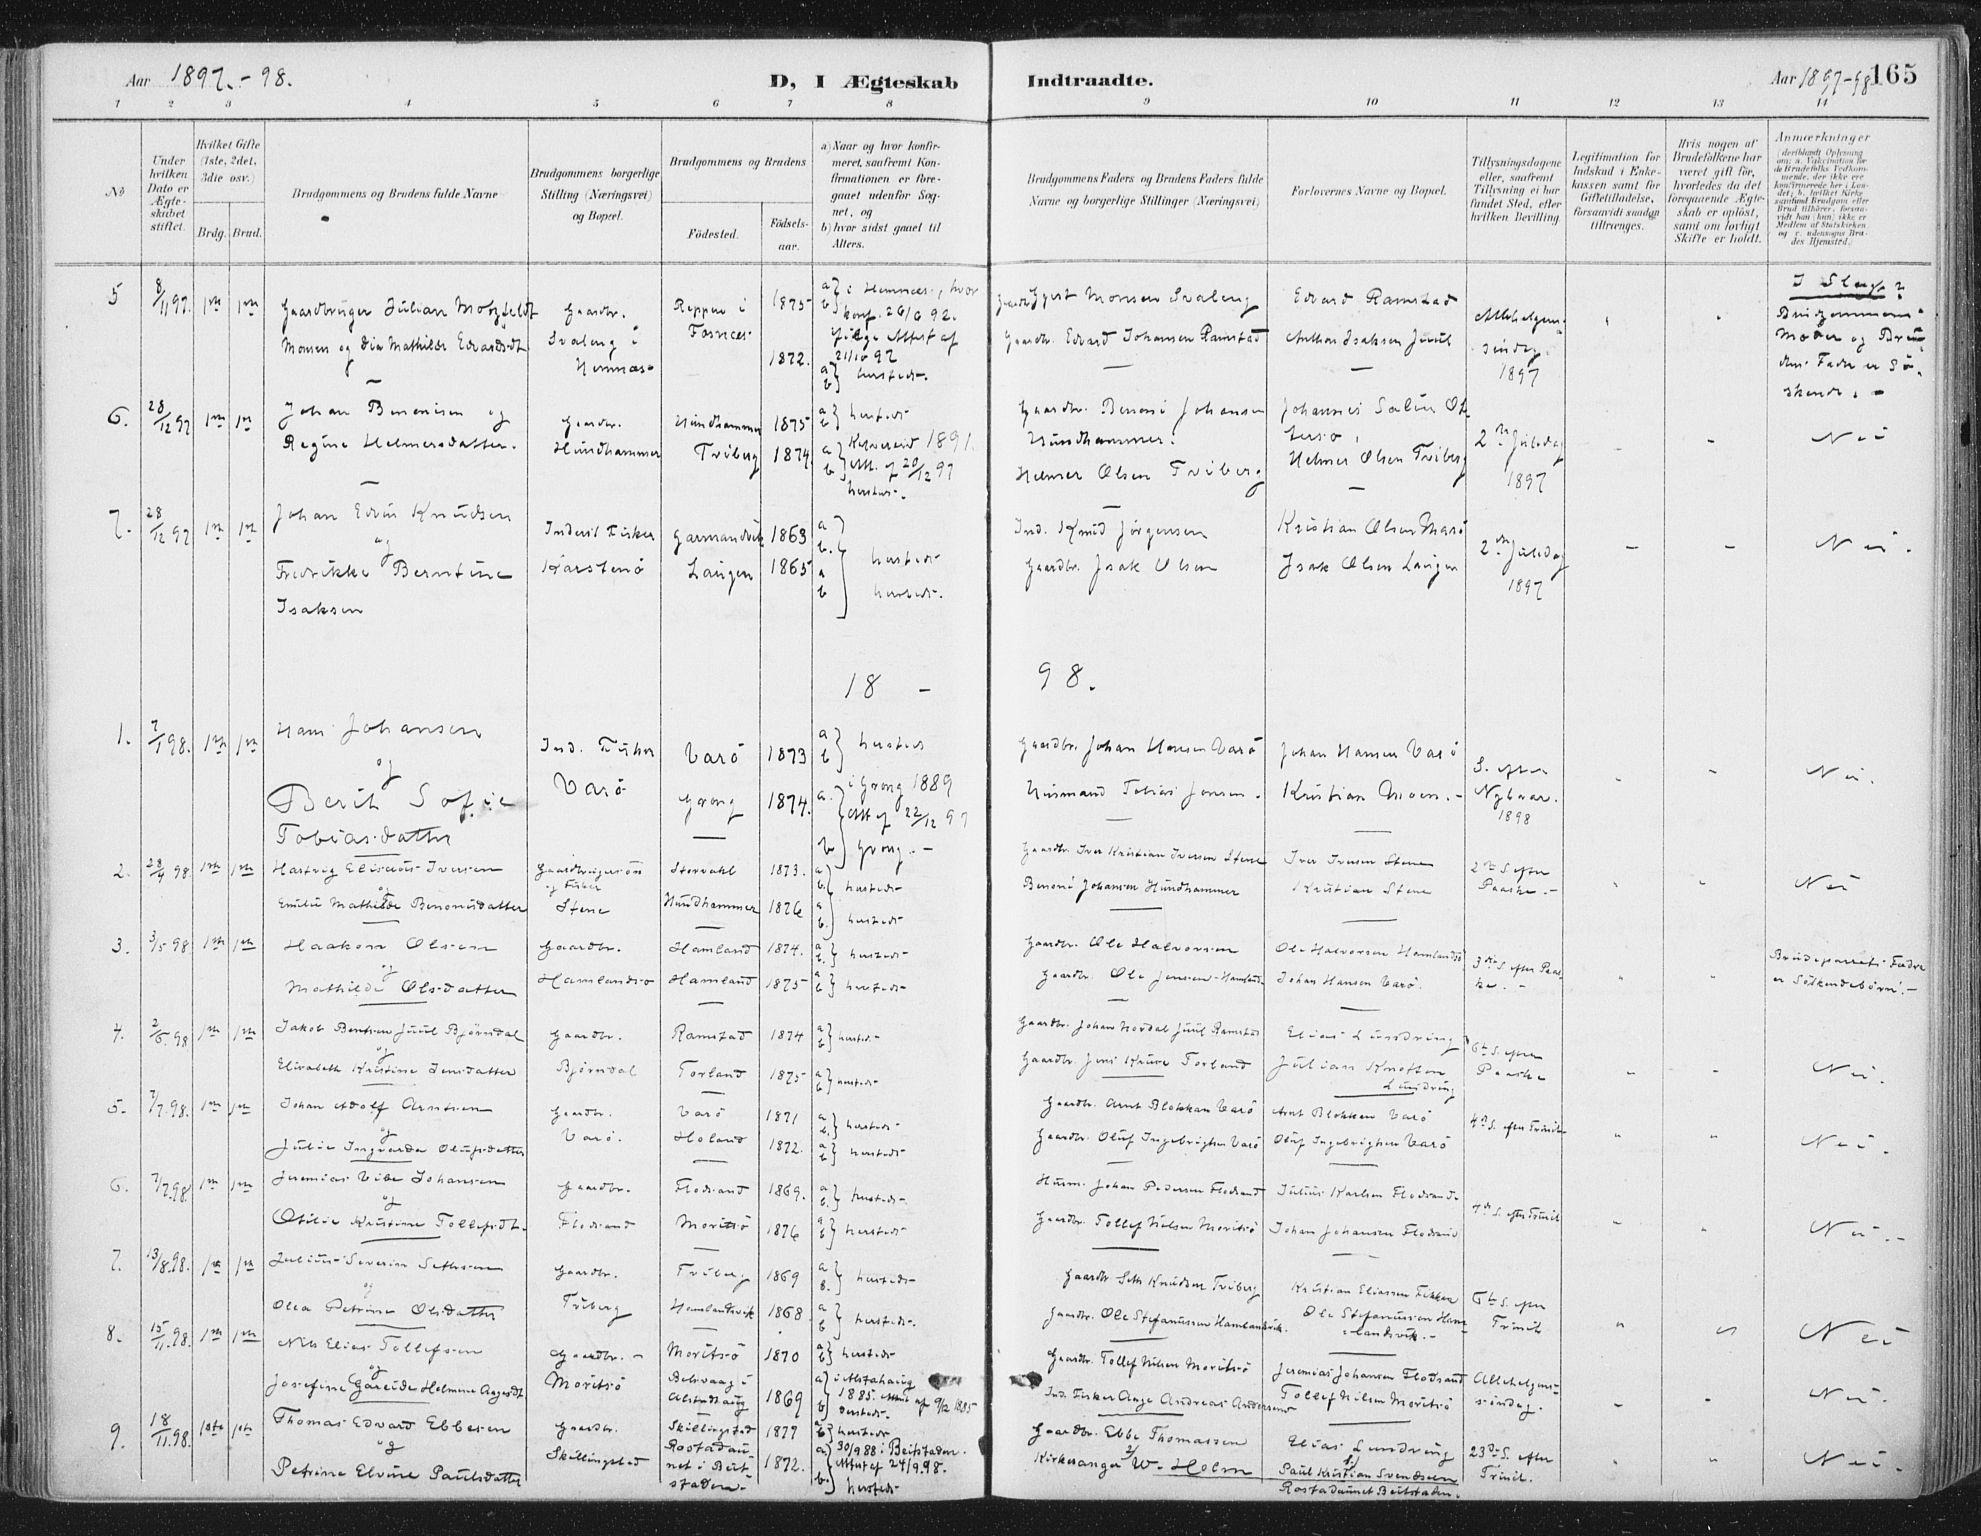 SAT, Ministerialprotokoller, klokkerbøker og fødselsregistre - Nord-Trøndelag, 784/L0673: Ministerialbok nr. 784A08, 1888-1899, s. 165